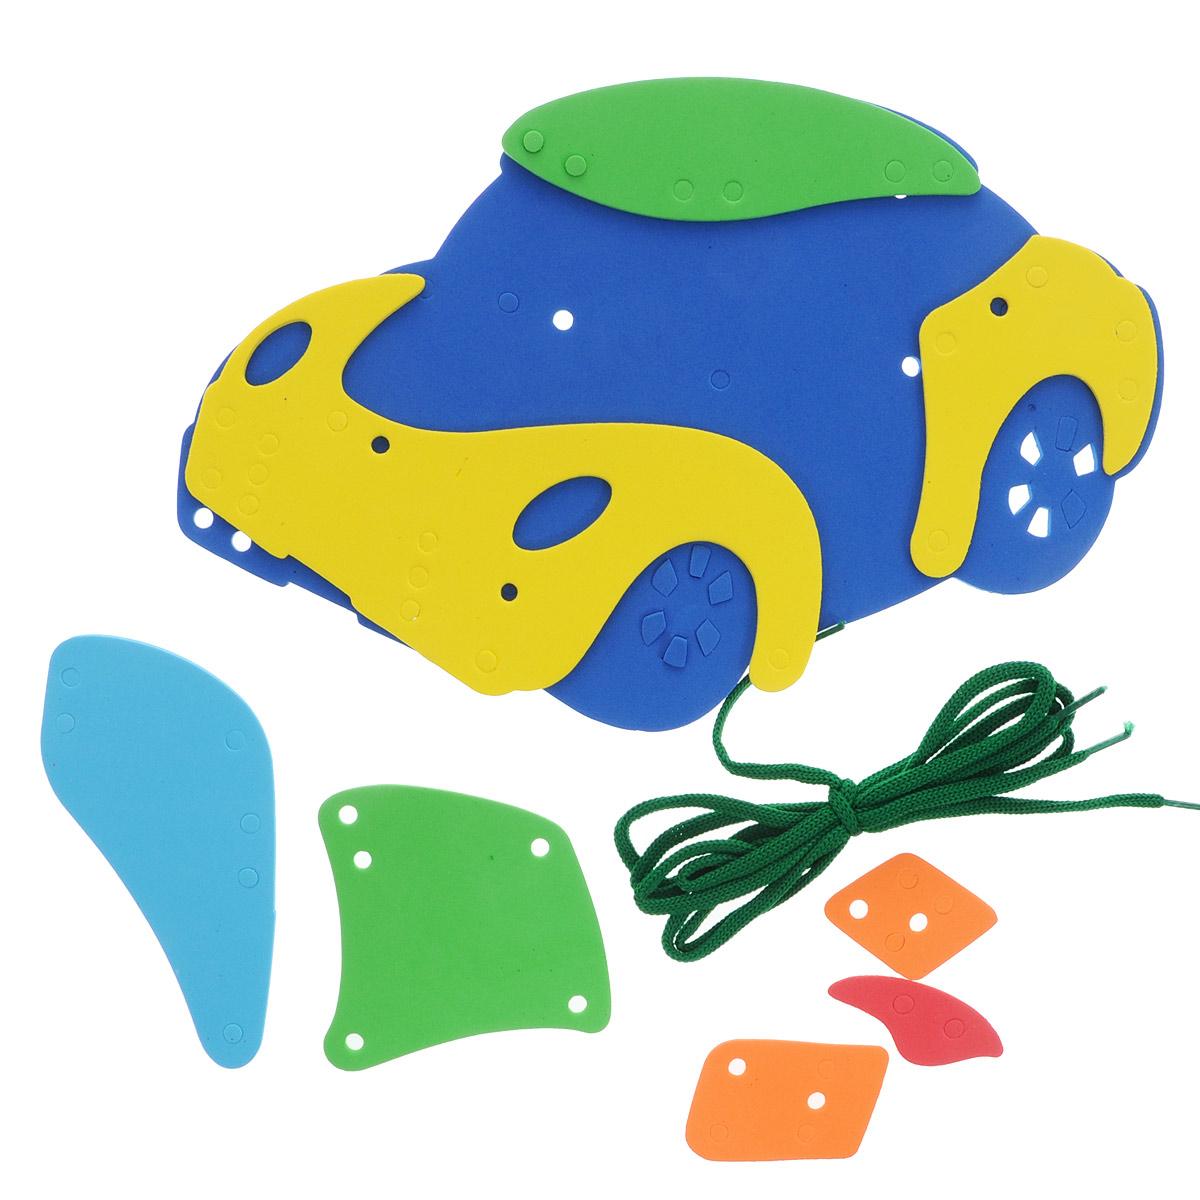 Игра-шнуровка Фантазер Машина103012С мягким конструктором Фантазер Машина ваш малыш будет часами занят игрой. Набор включает 9 фигур разных форм, шнурок. Все элементы выполнены из мягкого, травмобезопасного и экологичного полимерного материала. Особый материал дает юному конструктору новые удивительные возможности в игре: гнется, но не ломается, детали всегда можно состыковывать. Серия Шнуровка развивает воображение и пространственное мышление. Безопасен для всех - по нему можно даже ходить босиком и брать с собой в ванну.